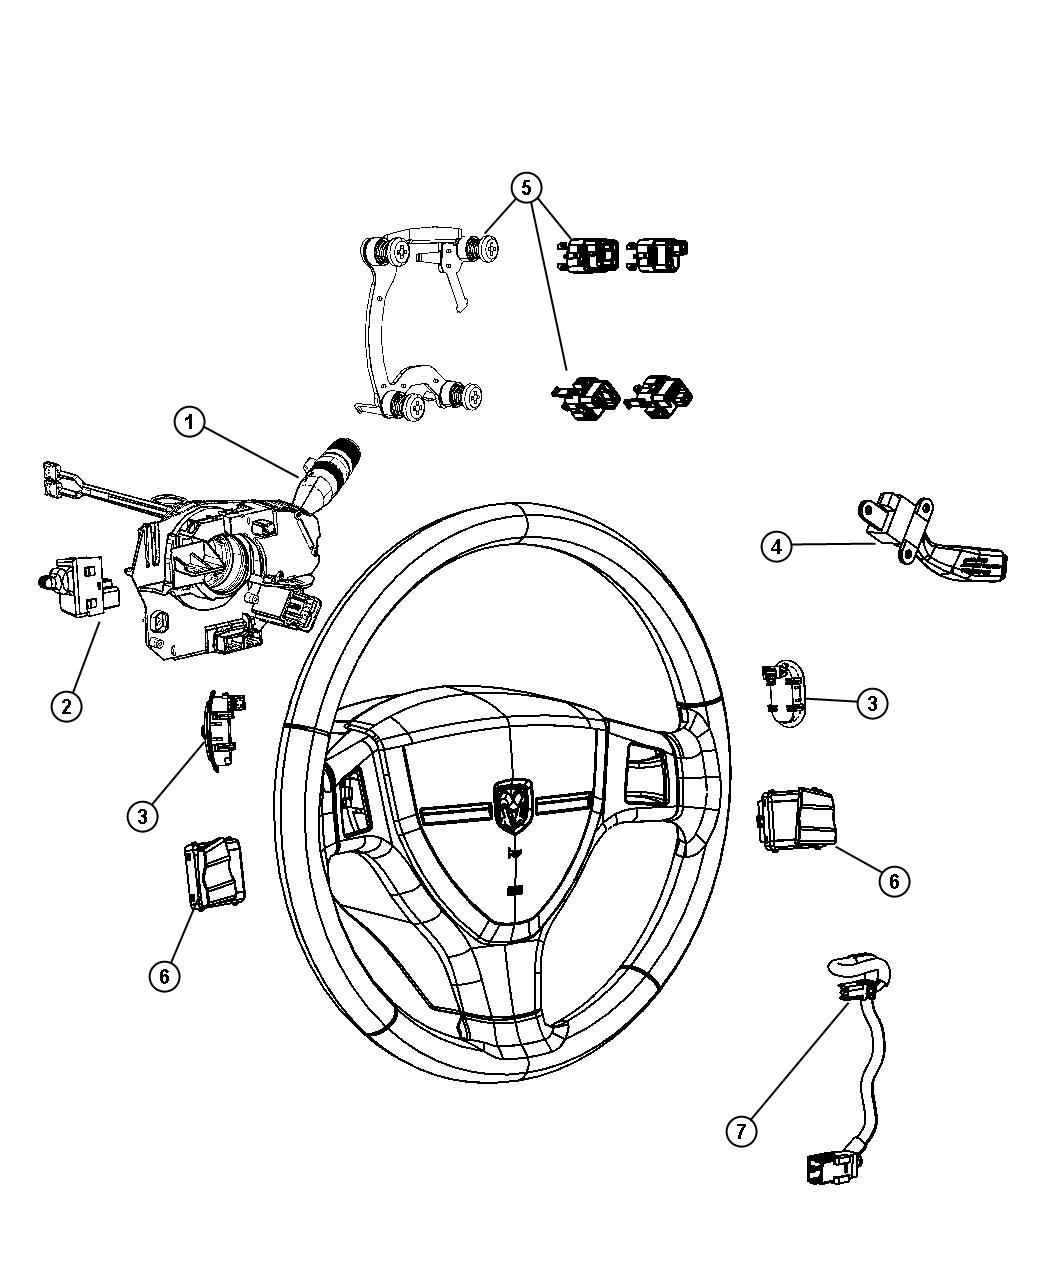 2014 Ram C V Tradesman Camshaft: 2015 Ram C/V TRADESMAN Switch. Horn. [scl], [nhm], [rdz